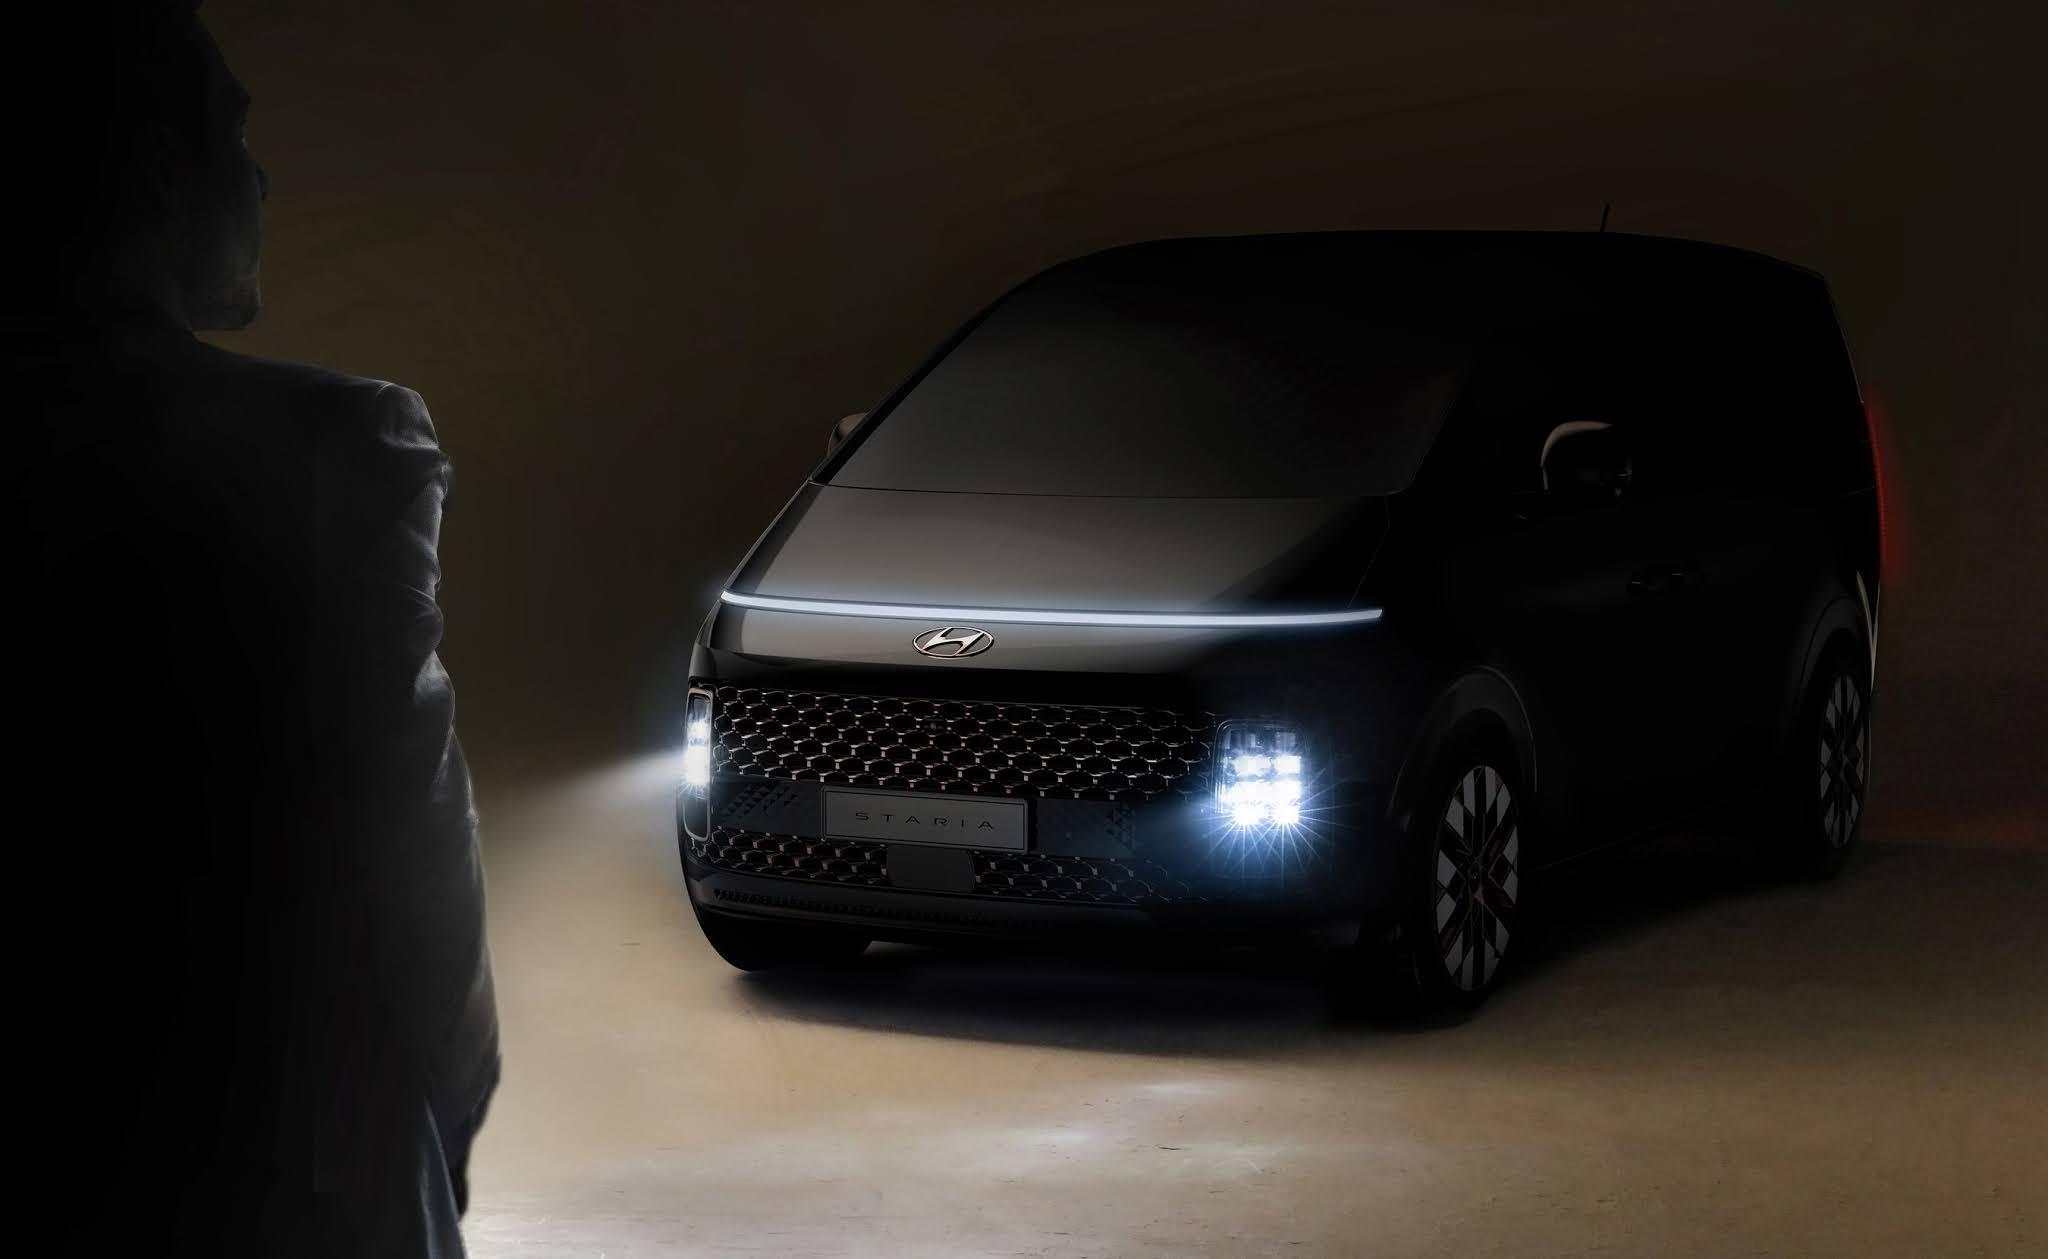 Hyundai unveils teaser images of premium MPV